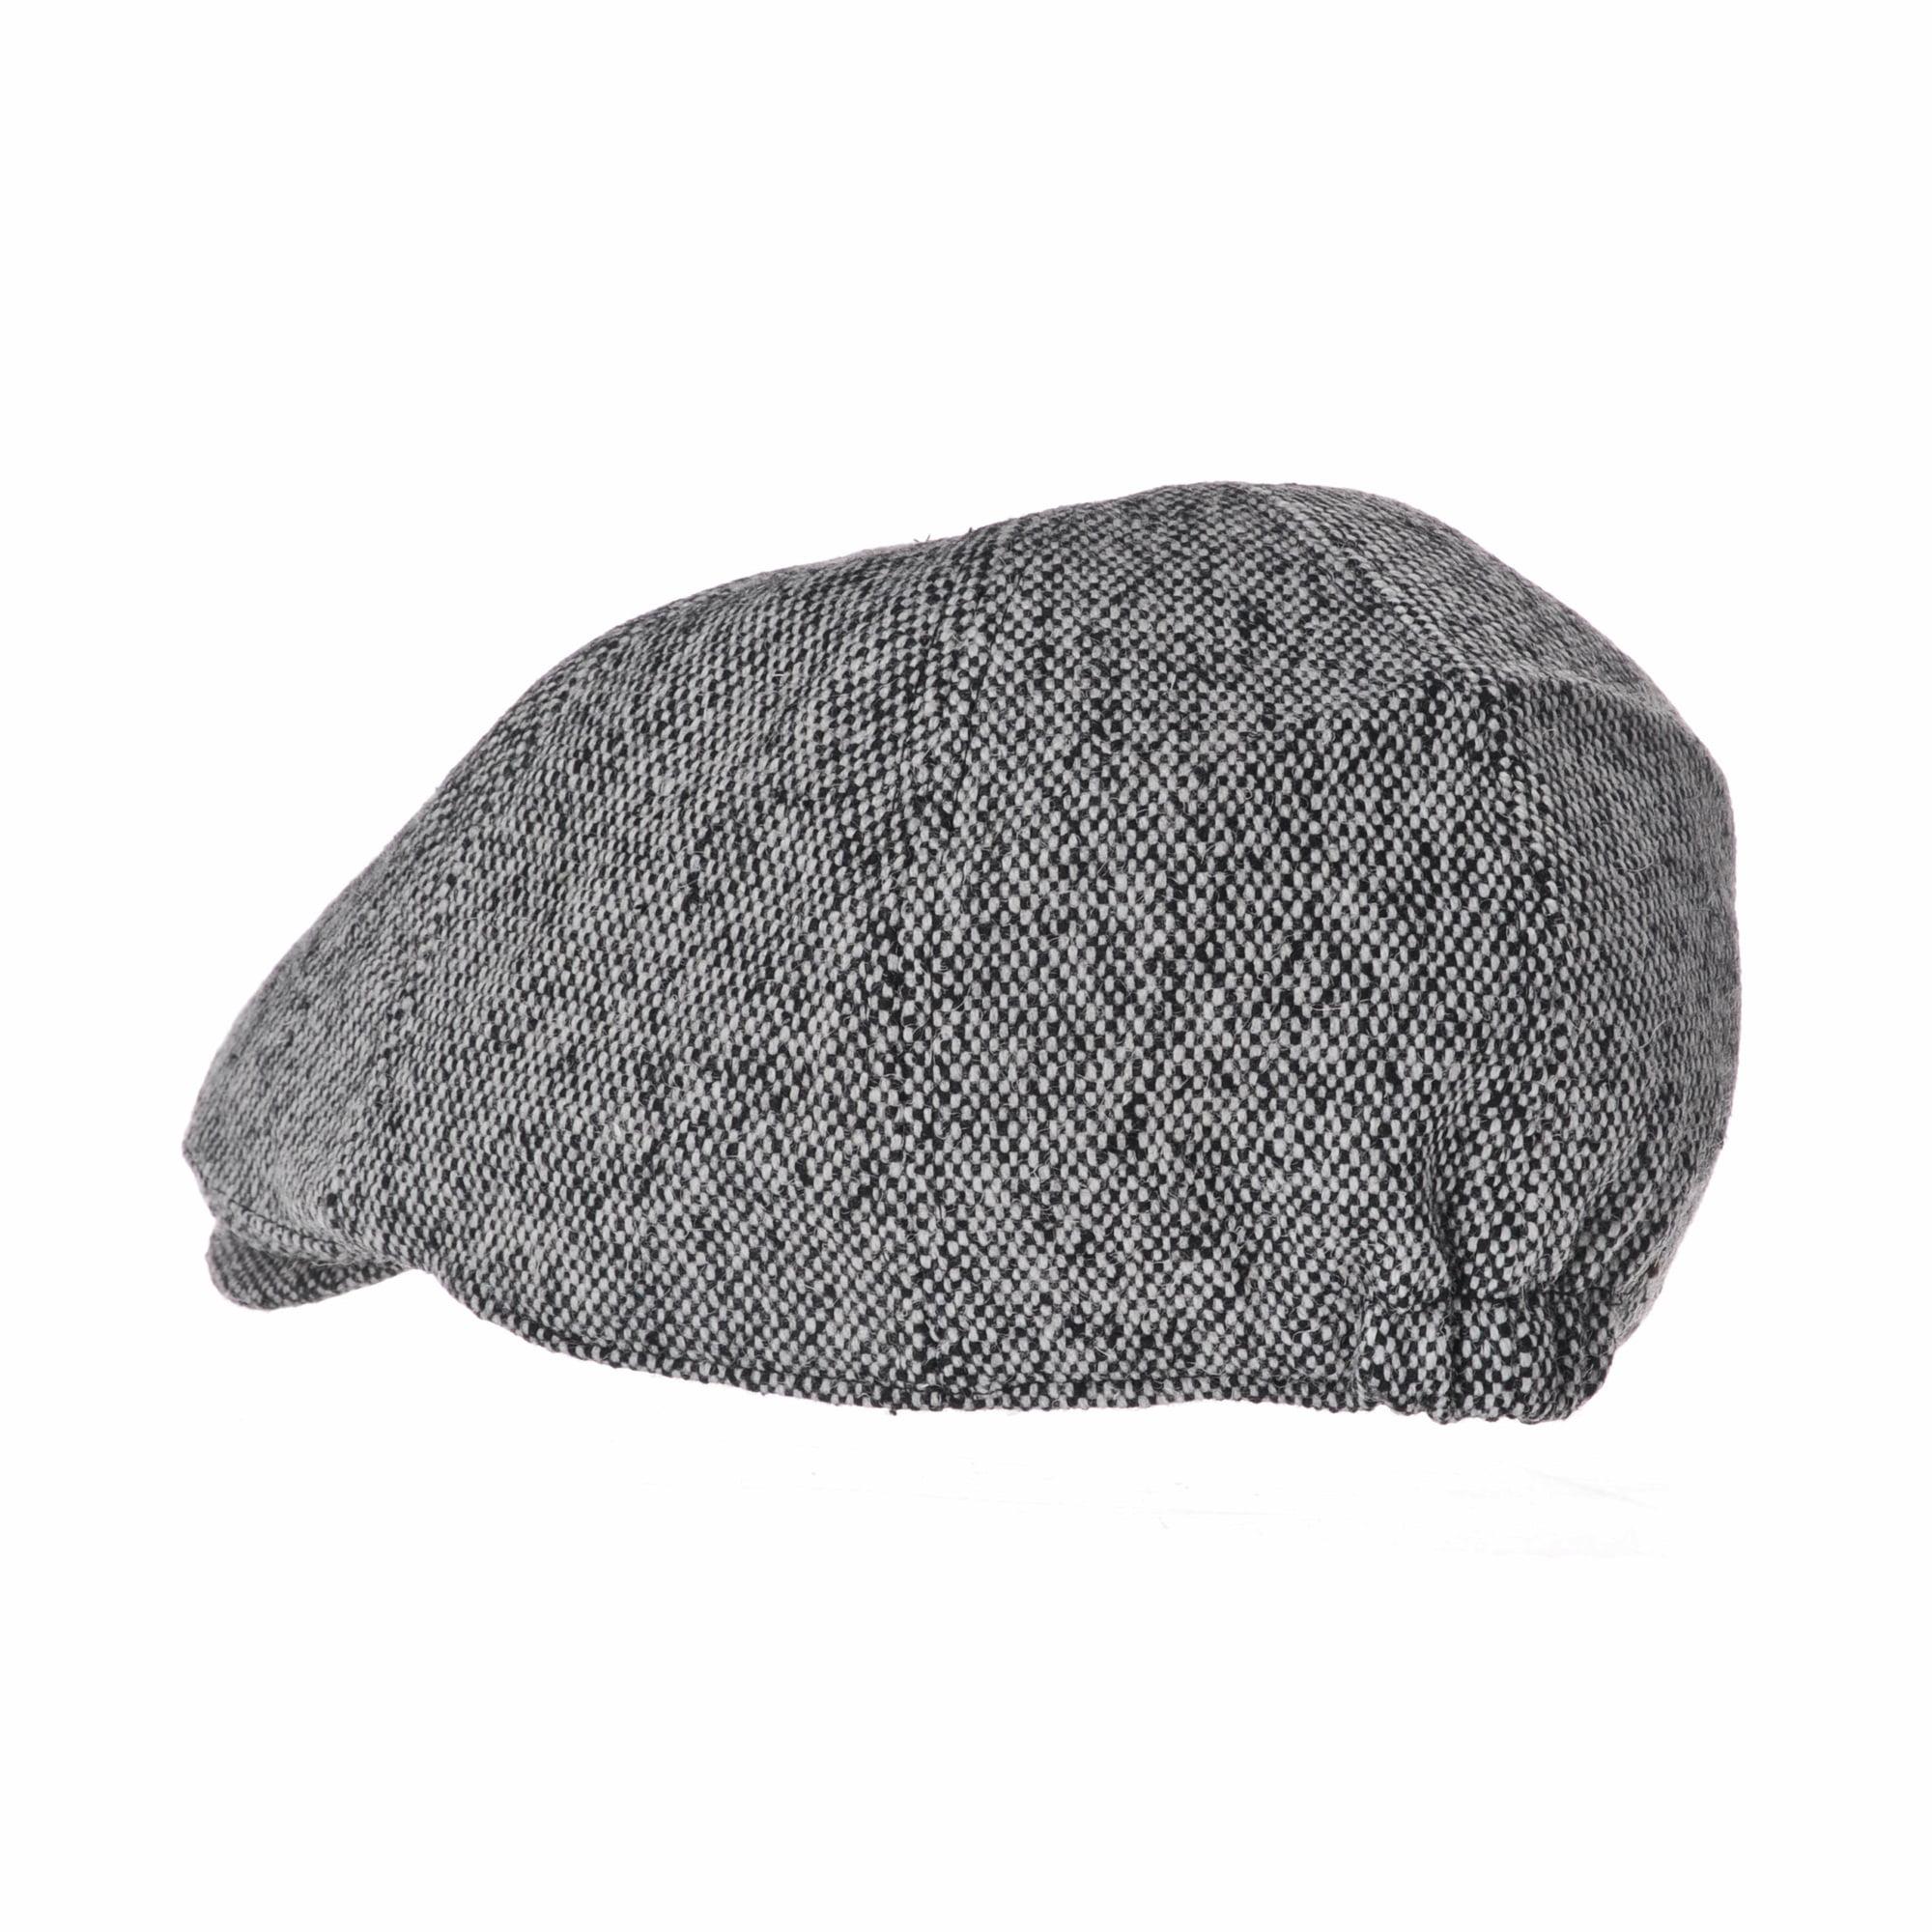 COLLJL8 Men//Women American Kayak Outdoor Warm Beanies Hat Soft Winter Skull Caps